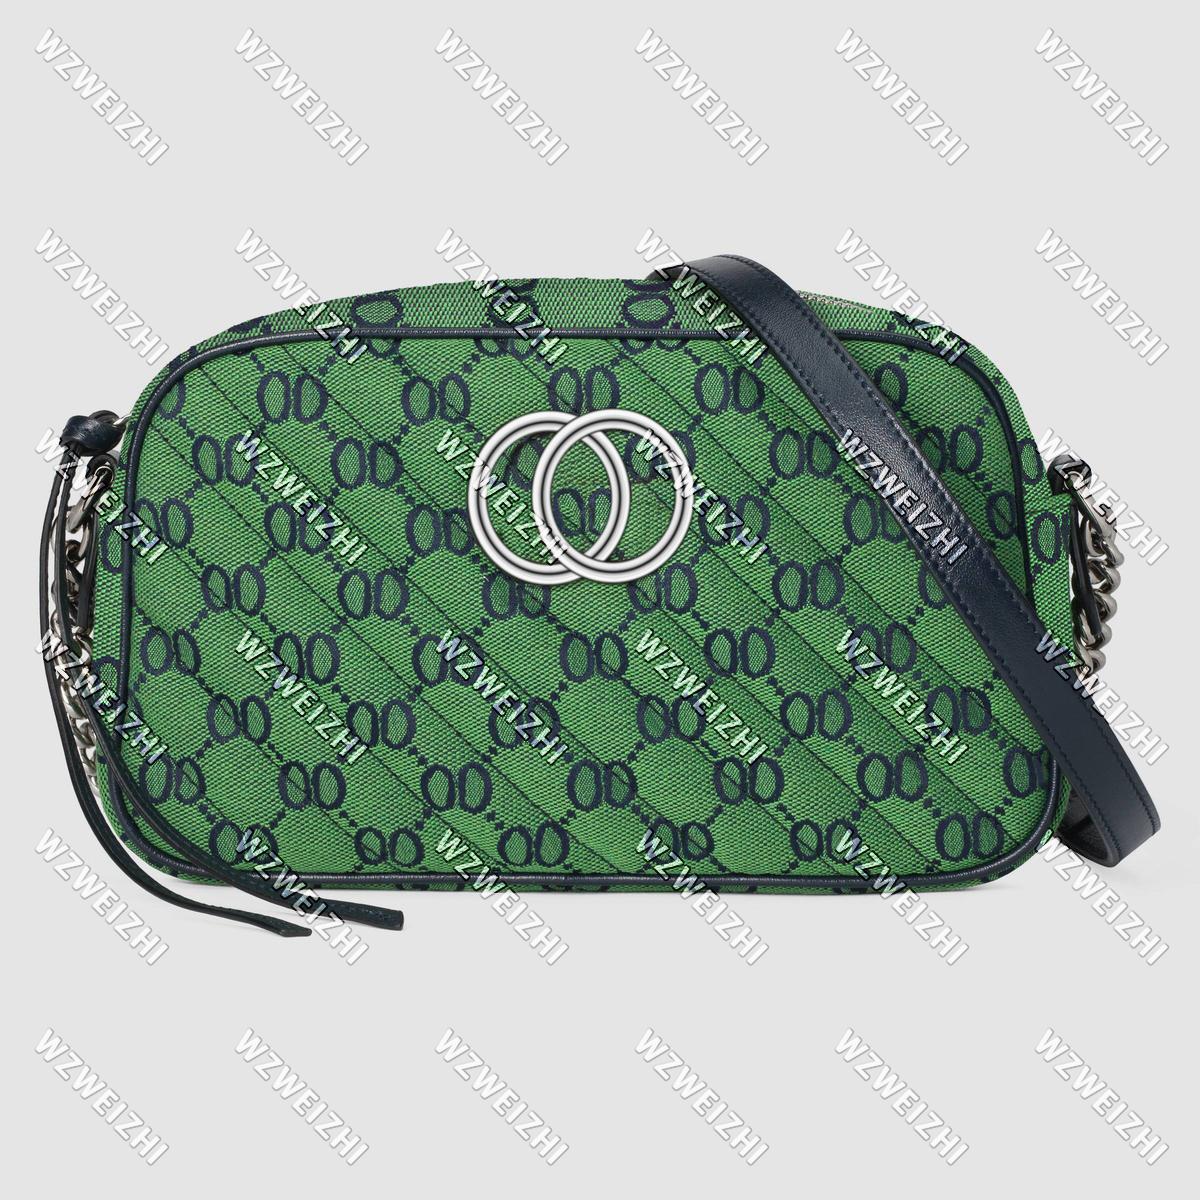 Bayan Soho Disko Çantası Işık Marmont Renkli Küçük Tuval Omuz Çantaları Çanta Bayan Gümüş Zincir Crossbody Messenger Çanta Cüzdan Yeşil 24 cm